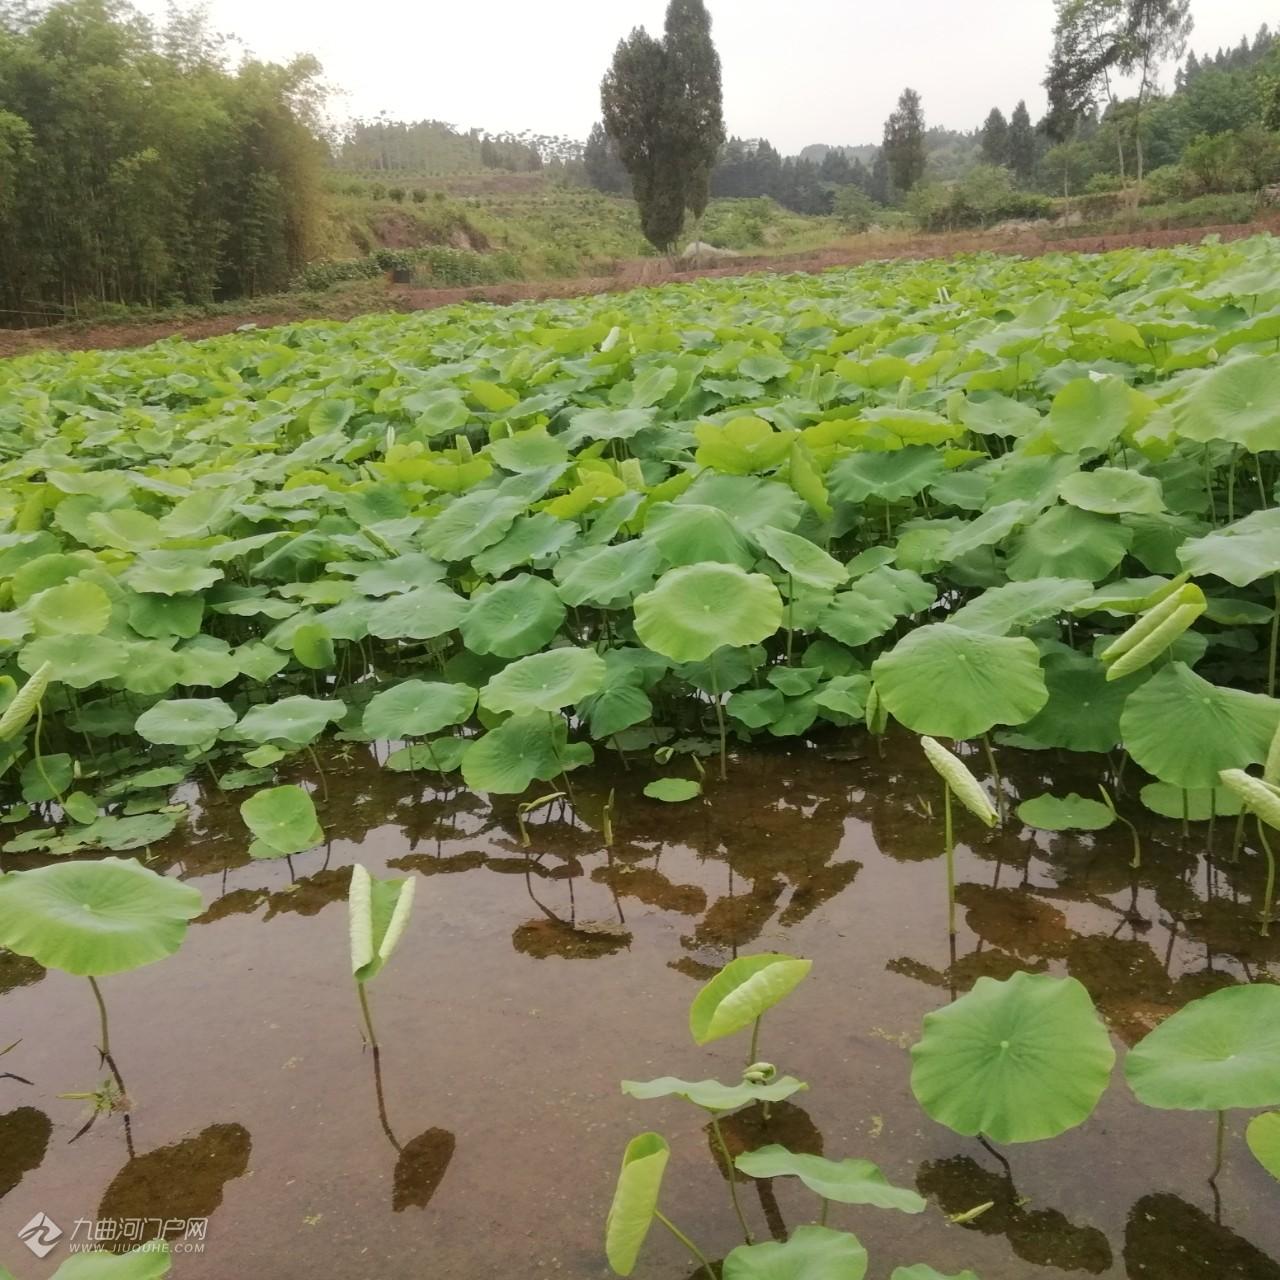 夏天来了,农田里出淤泥而不染的荷叶展示了它们漂亮的一面!